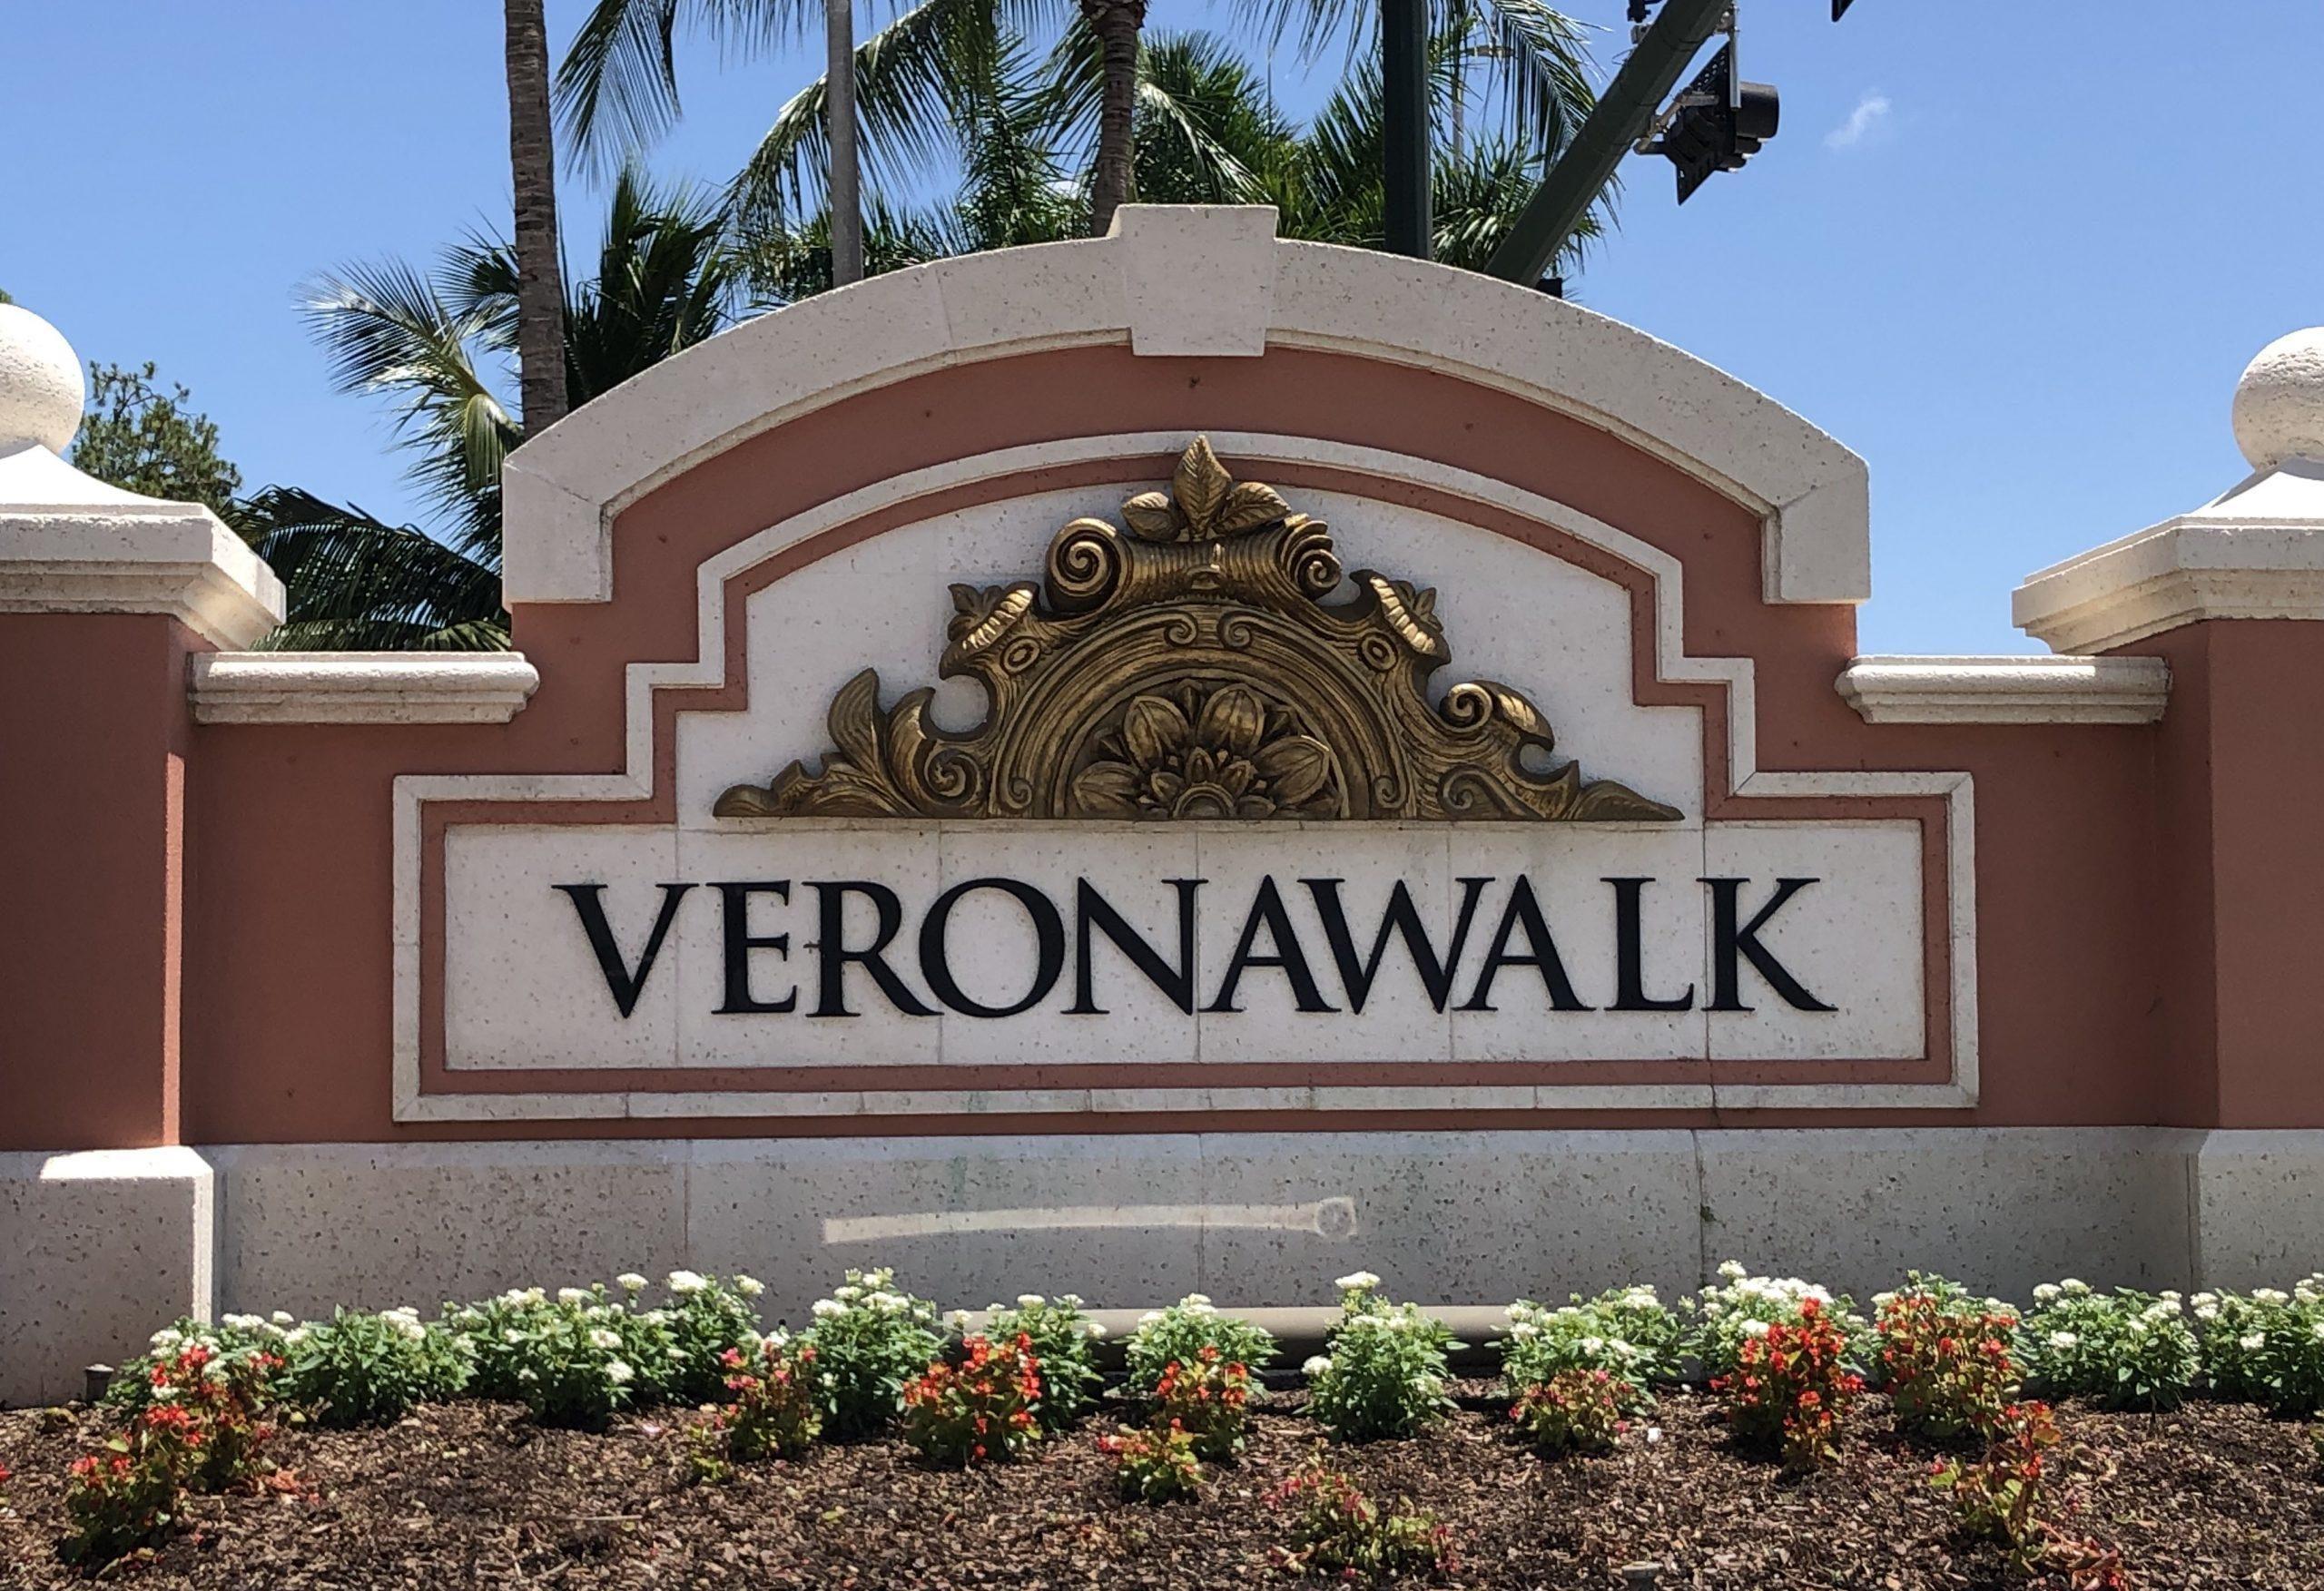 Verona Walk